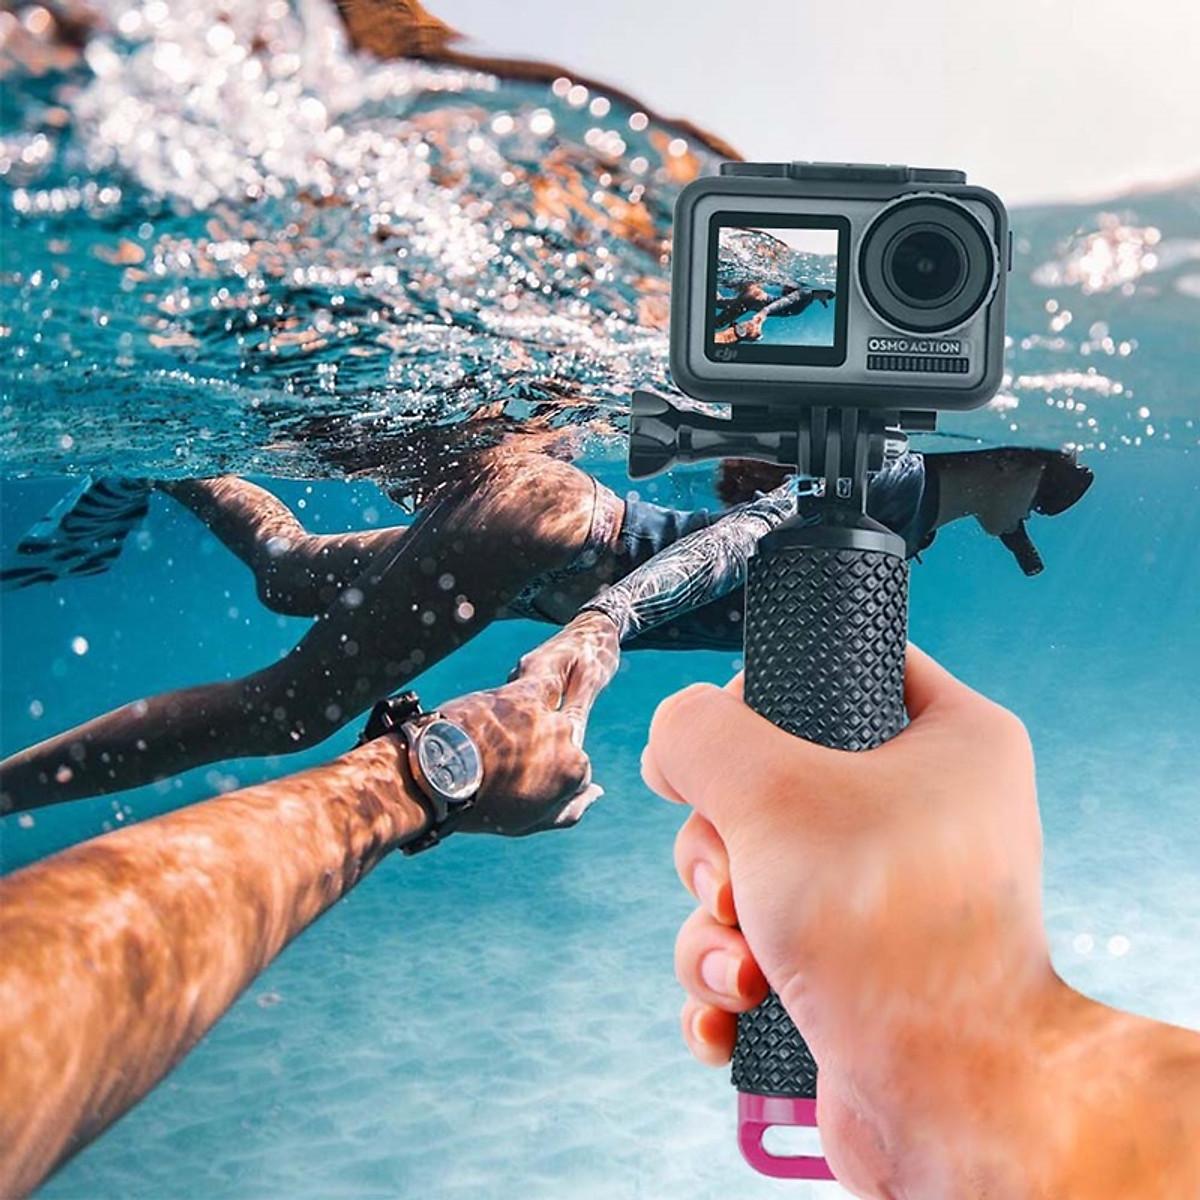 Hiện nay có khá nhiều thiết bị chuyên dụng dùng để chụp dưới nước. Hình: Sưu tầm